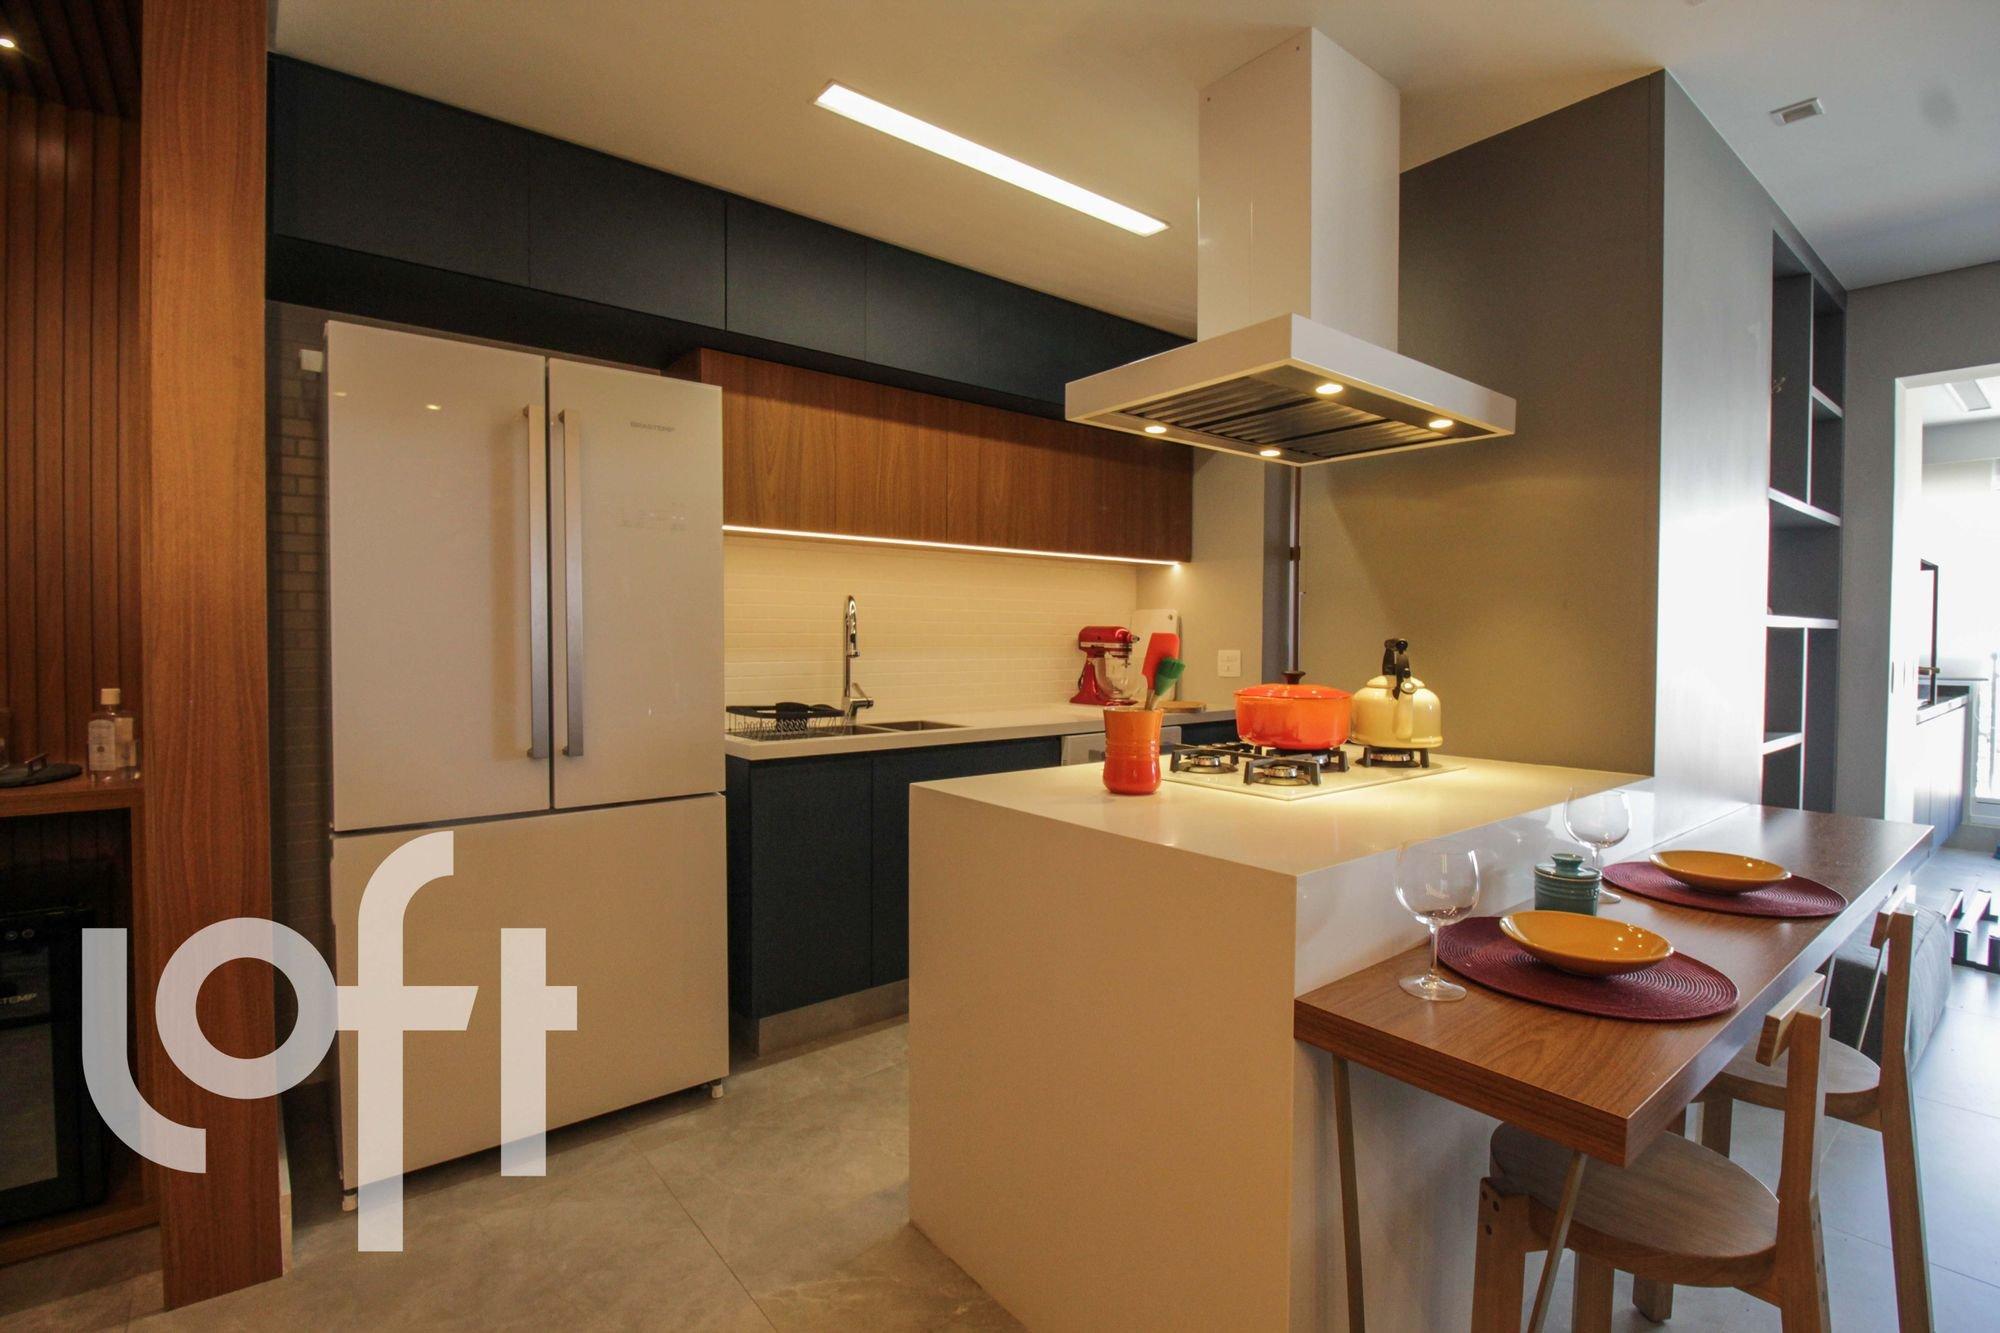 Foto de Cozinha com copo de vinho, garrafa, tigela, geladeira, mesa de jantar, xícara